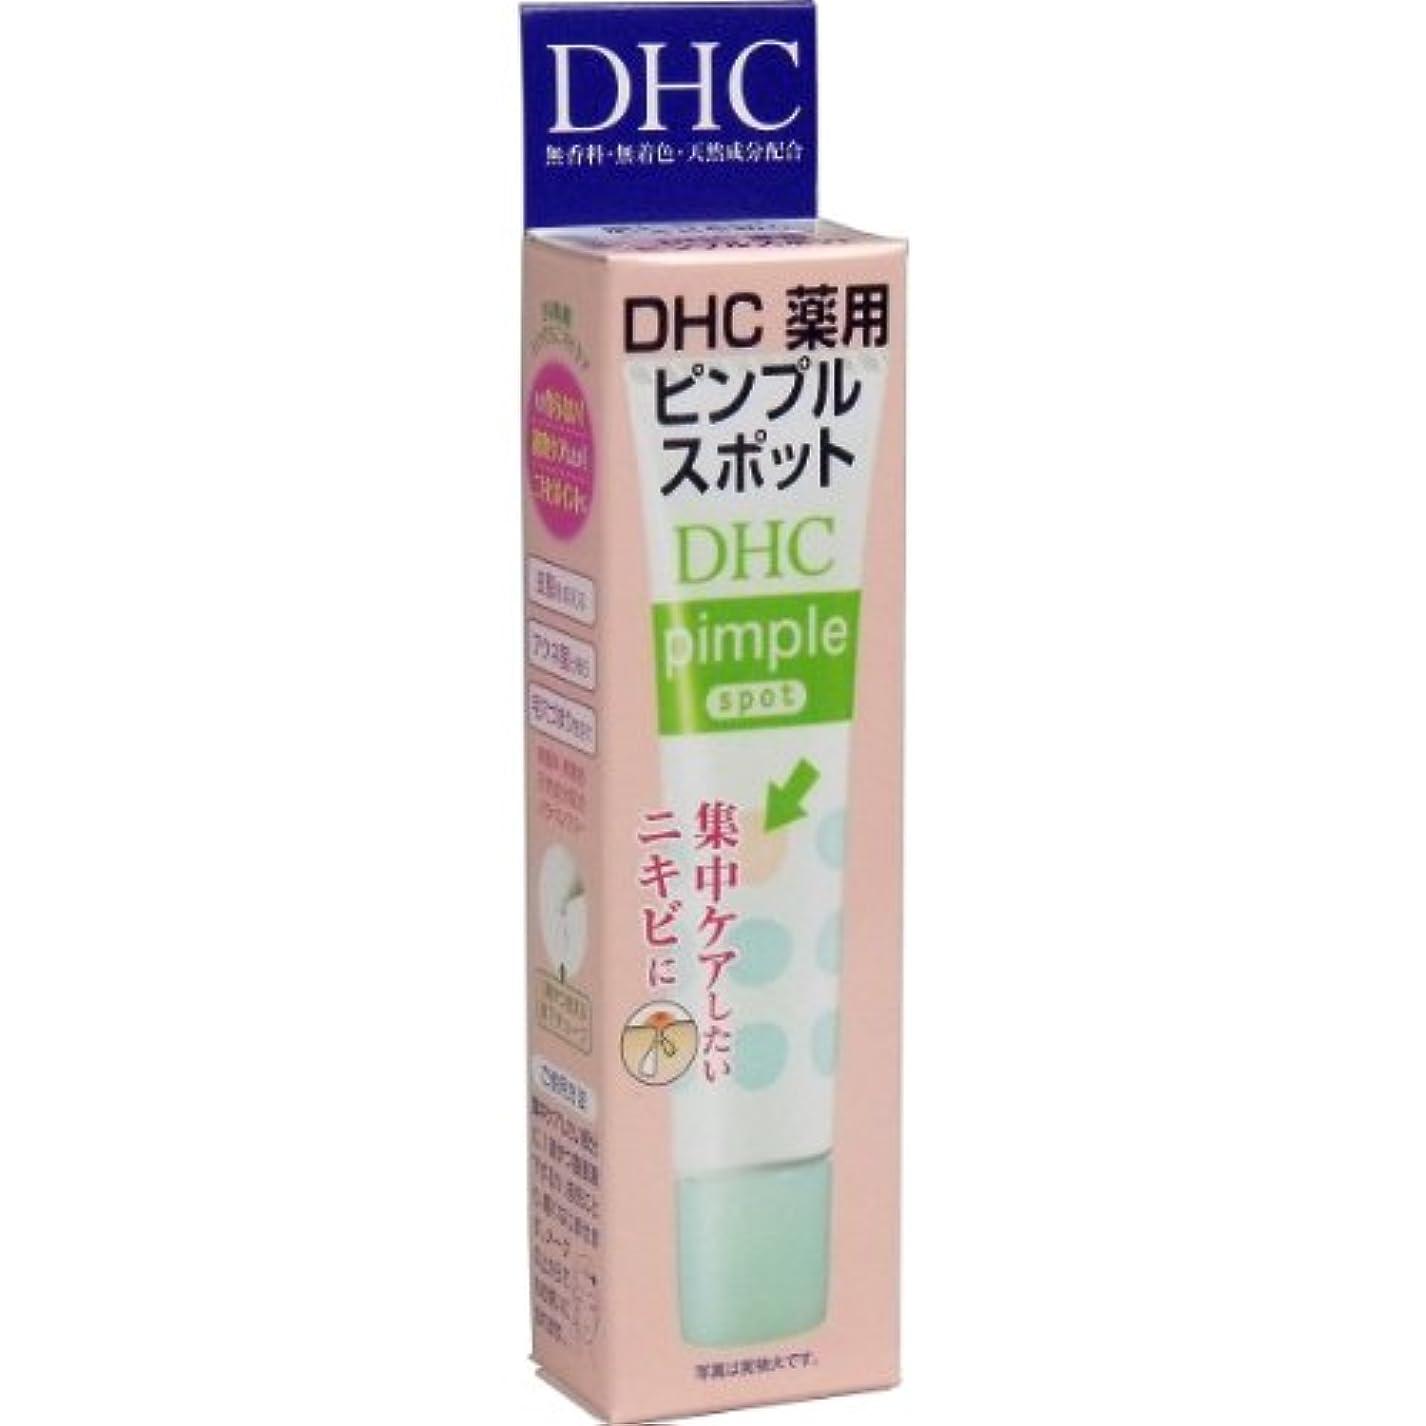 音声学斧海外で【DHC】DHC 薬用ピンプルスポット 15ml ×10個セット